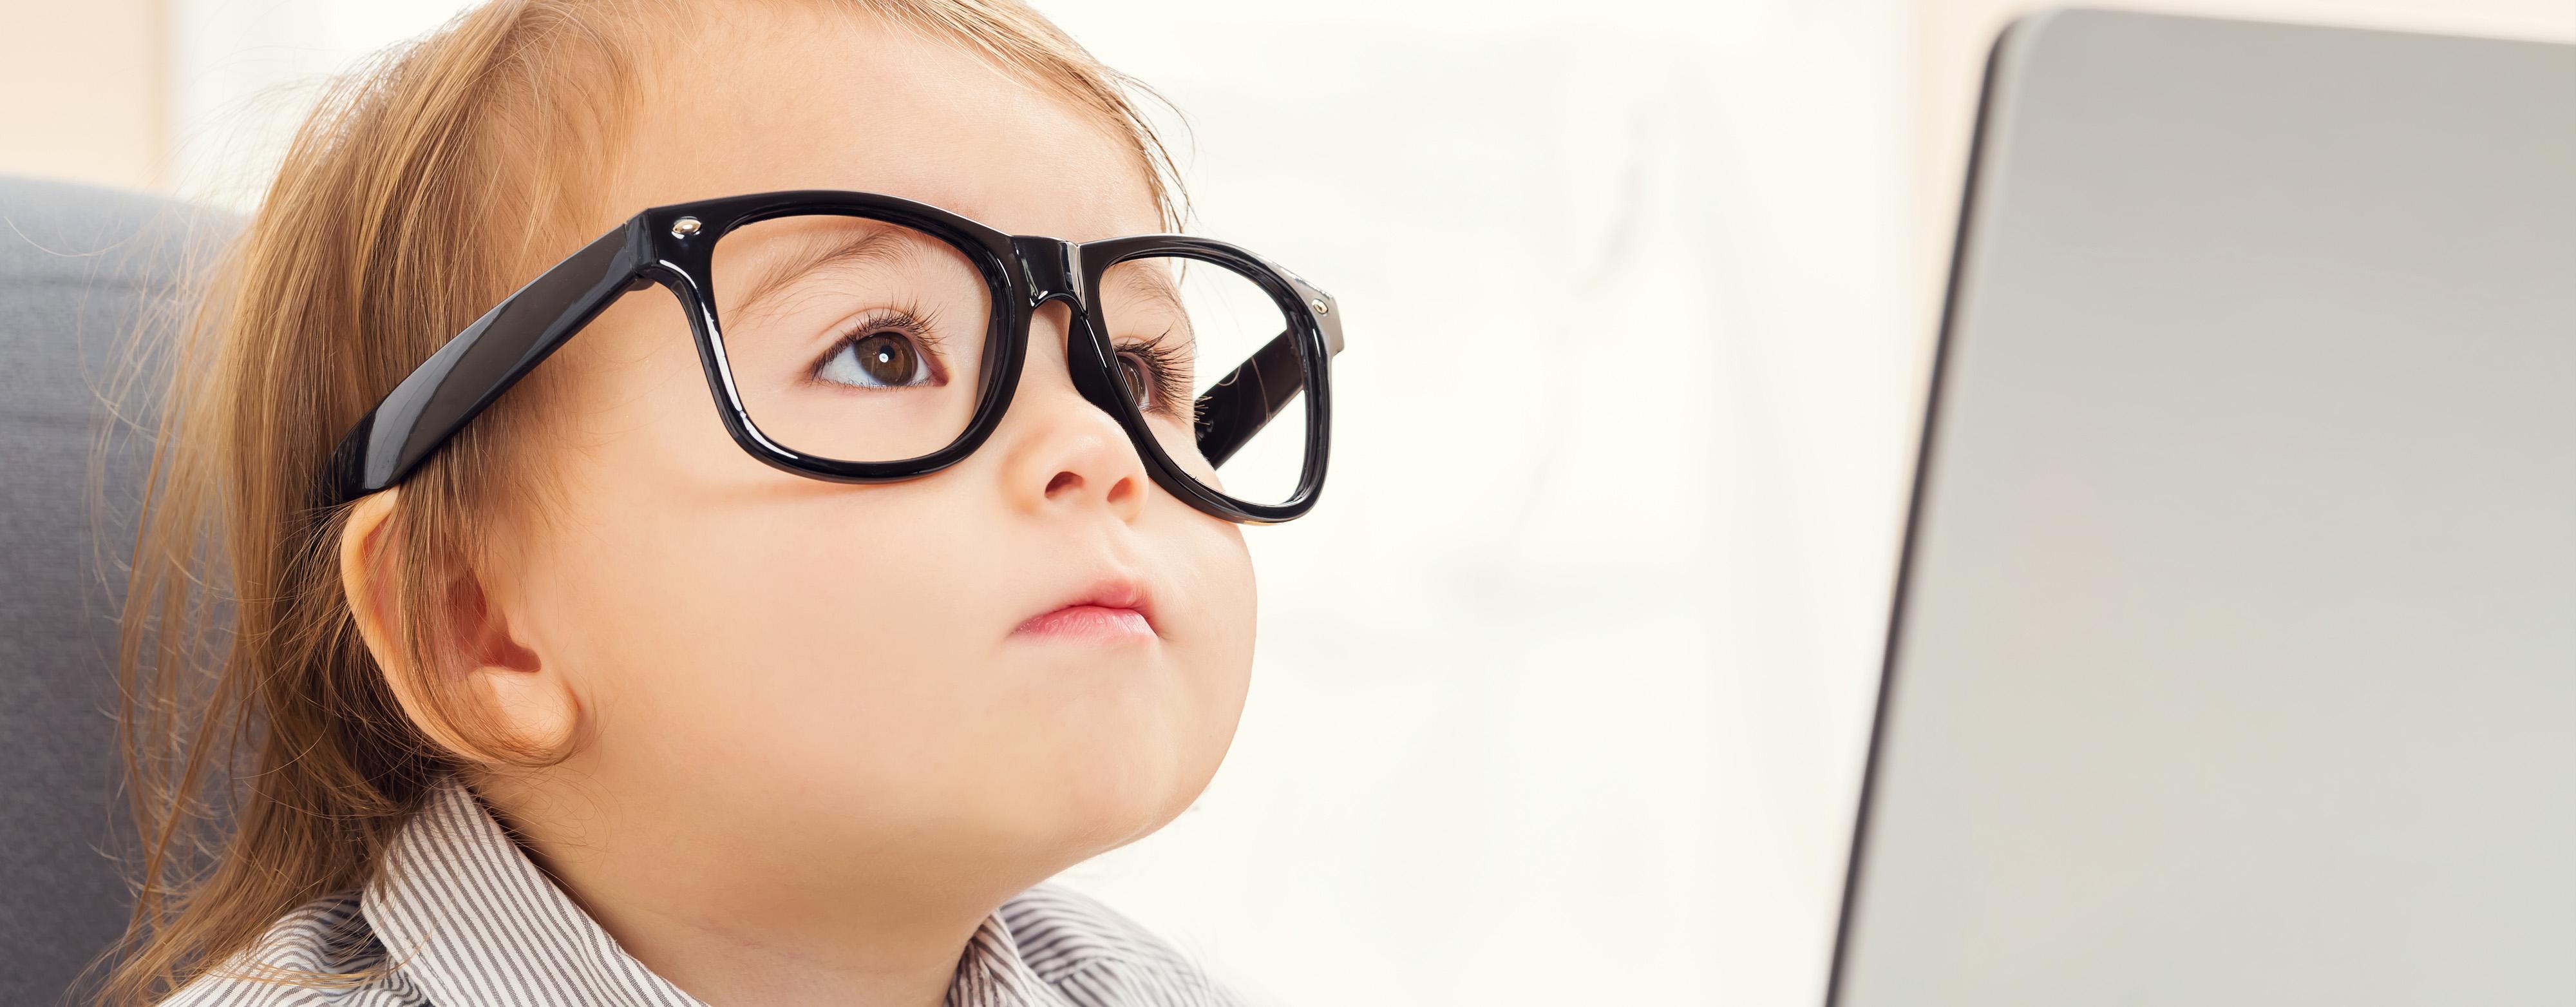 Kind mit Brille vor einem Laptop